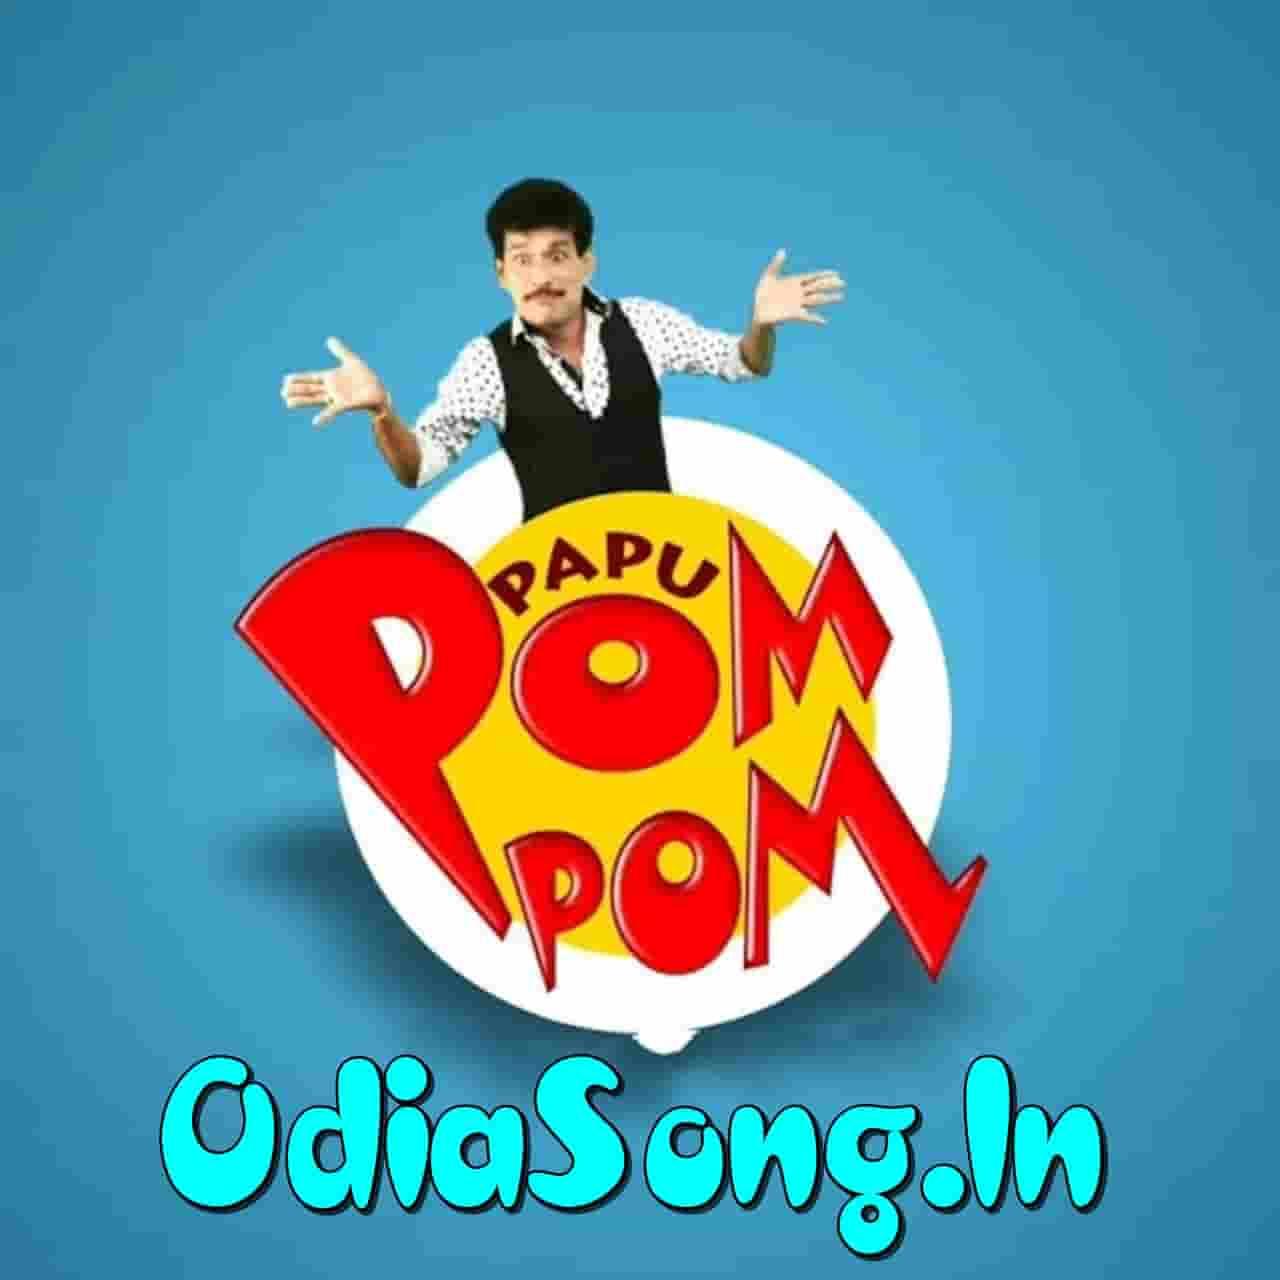 Tor Bob Cutting Fashion Dhani (Papu Pom Pom)